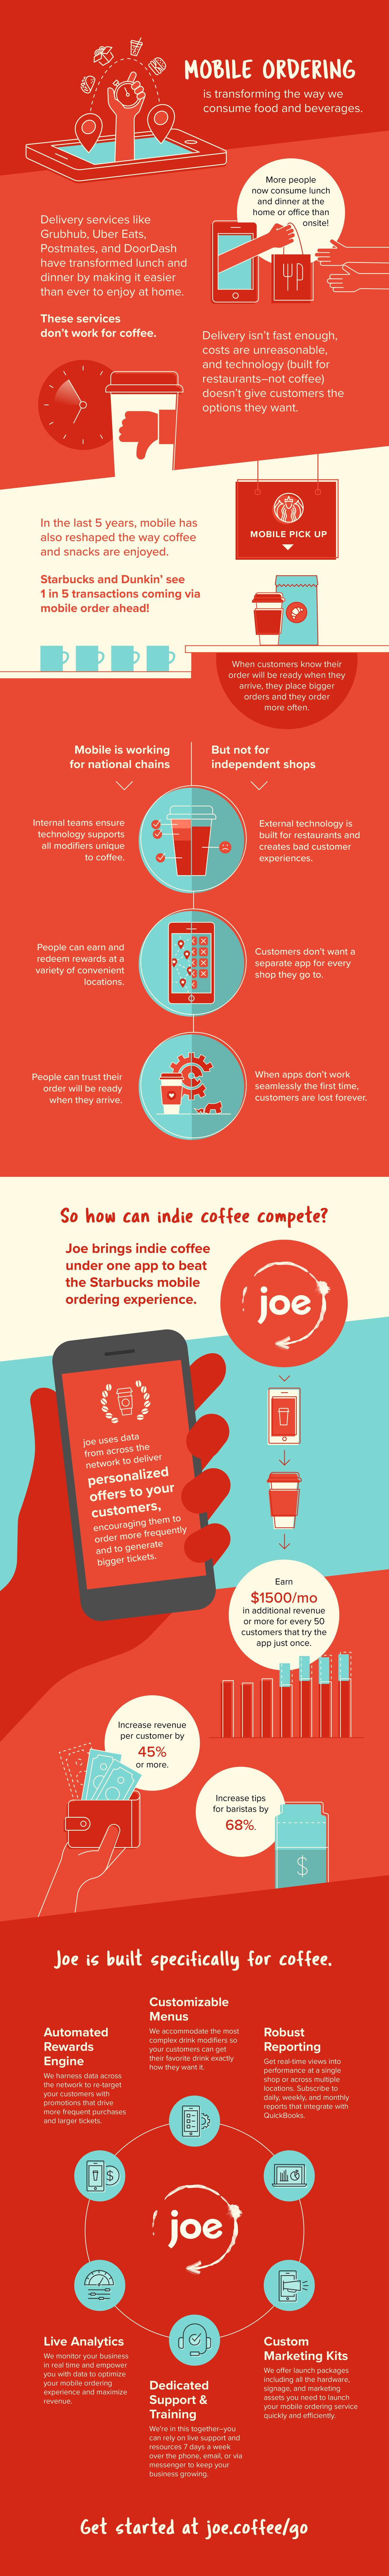 joe_Infographic_MobileOrdering_V4-01